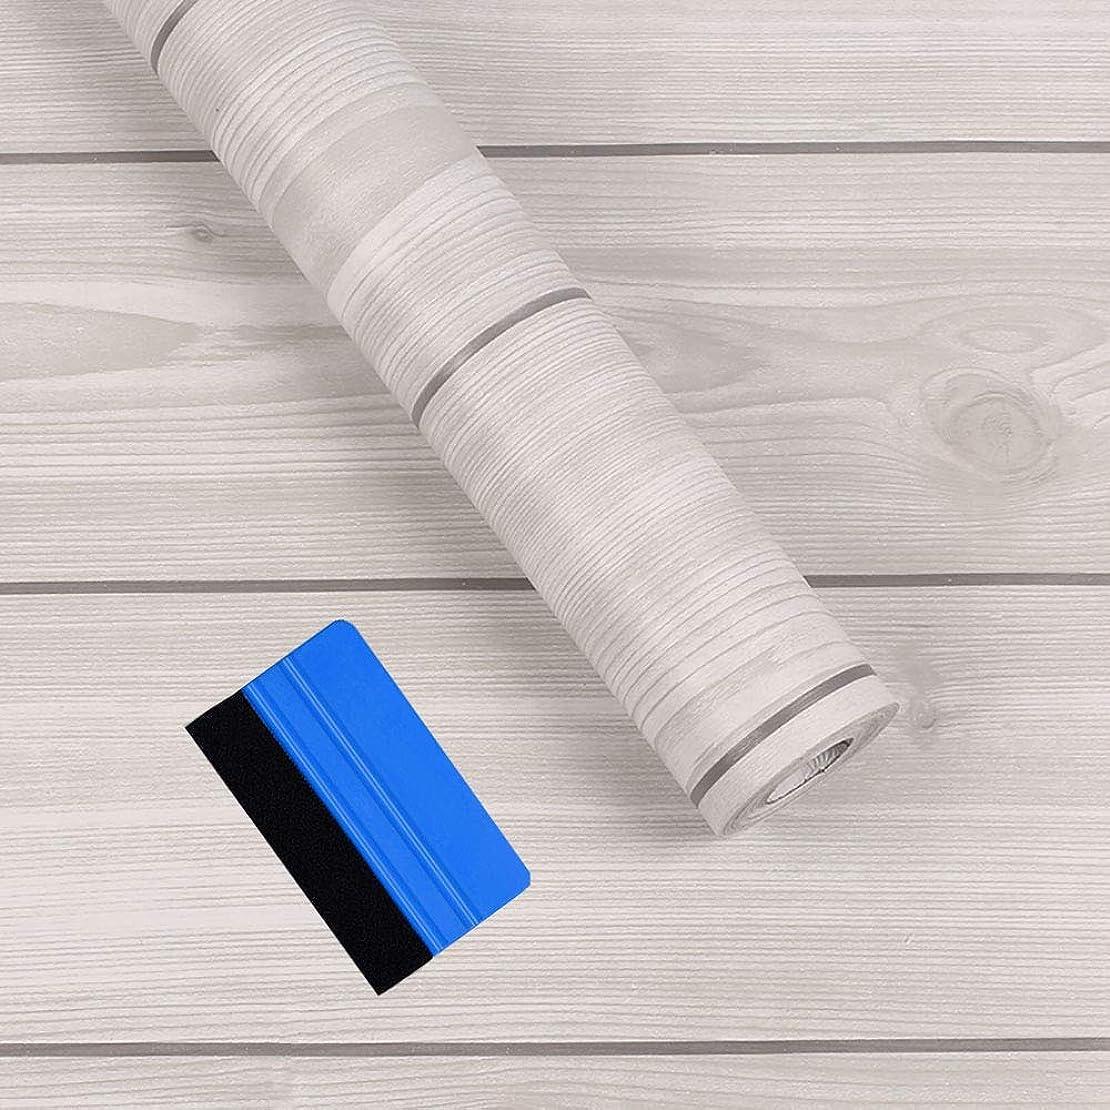 インストラクターラリーベルモント敬の念壁紙 リメイクシート harmn home 木目調 カッティングシート ふすま紙 はがせる壁紙 壁紙シール ライトグレー フェルトスキーじー付き 45cm X 10m 90日保証